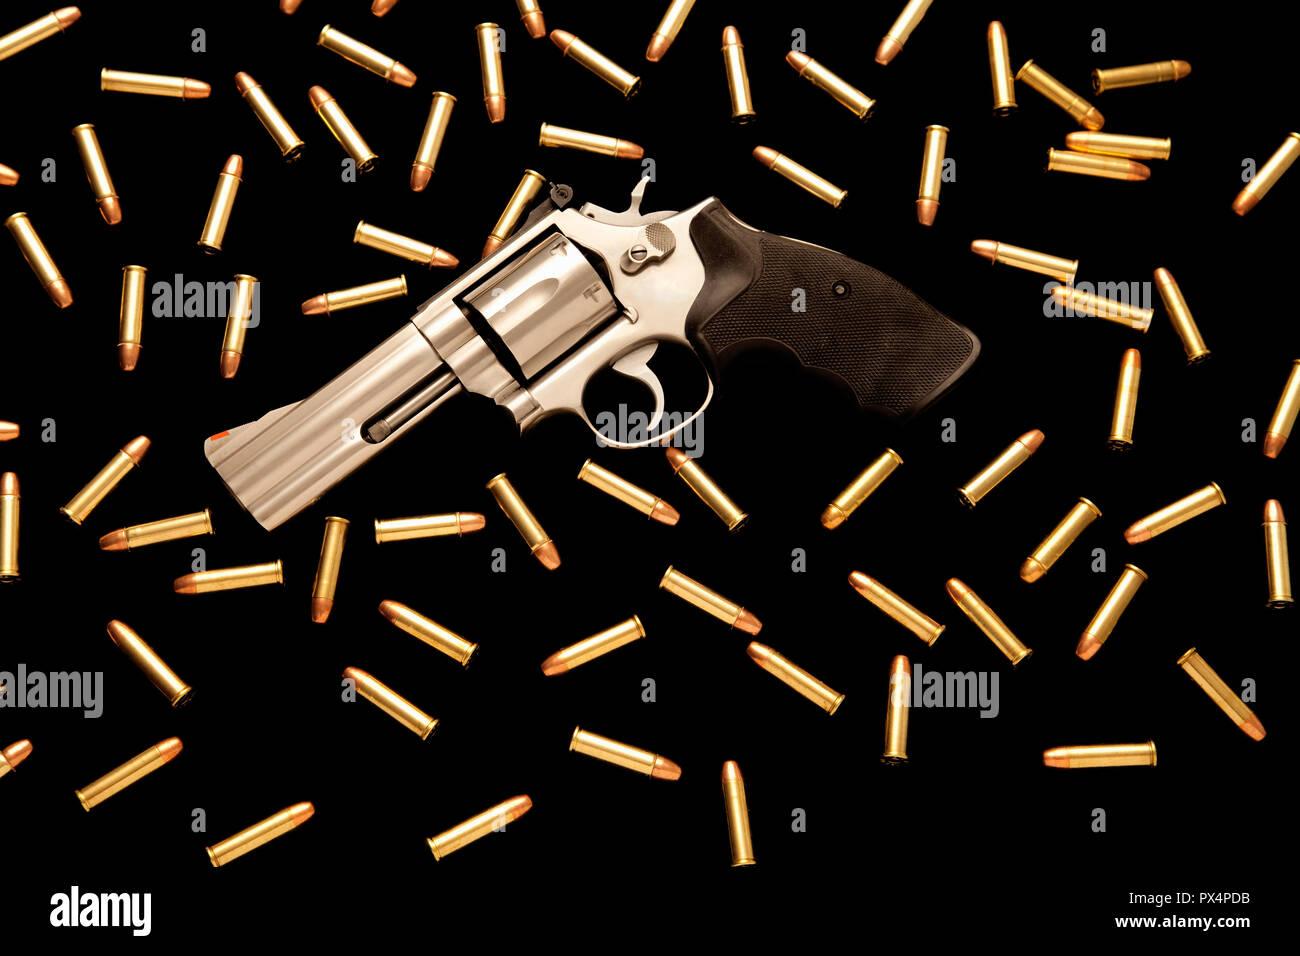 Waffen und Munition Stockbild